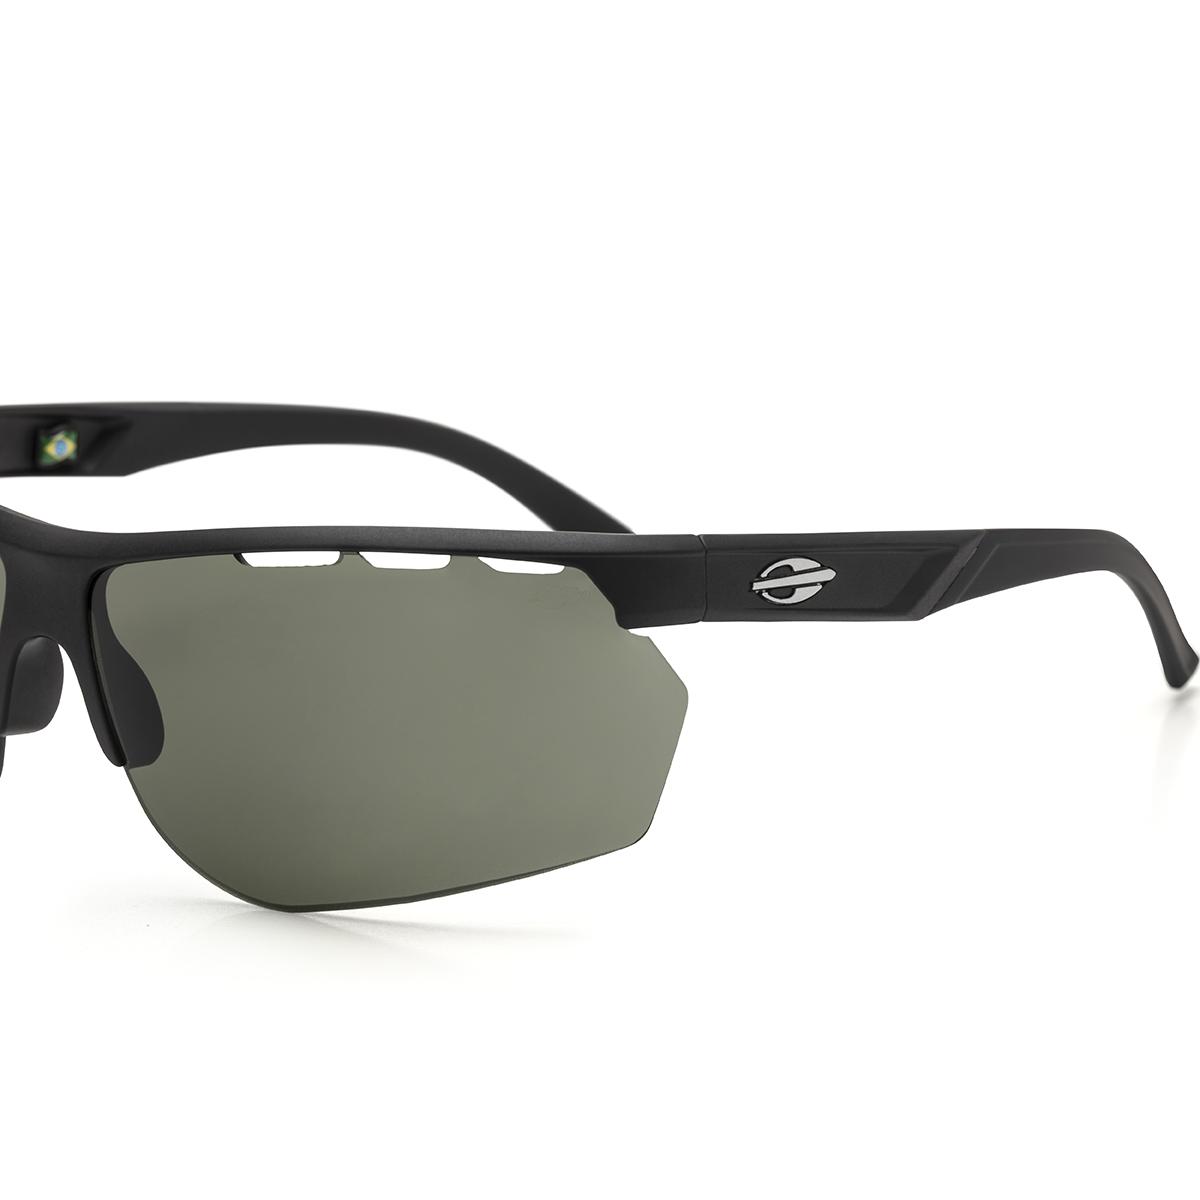 Óculos Solar Mormaii Thunder m0078 a1471  67 Preto Lente Verde Convencional